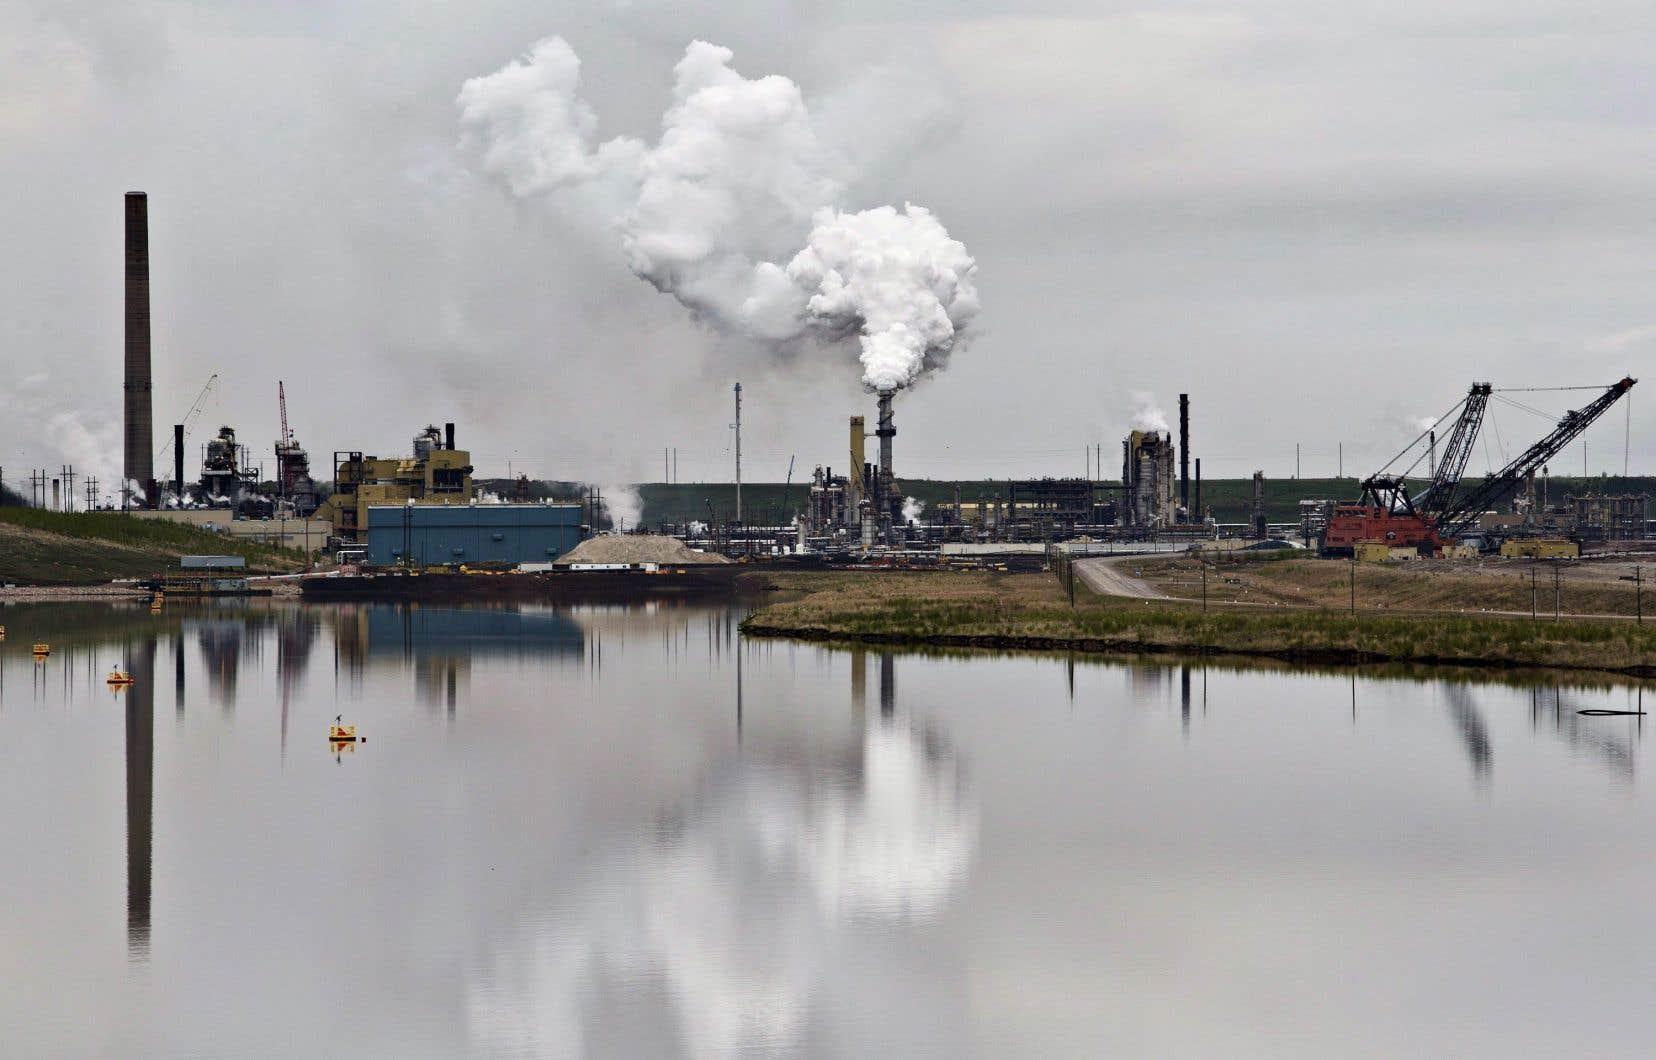 Les écologistes plaident pour une réduction de 80 % de la production pétrolière canadienne d'ici 2030, par rapport au niveau de production actuel.